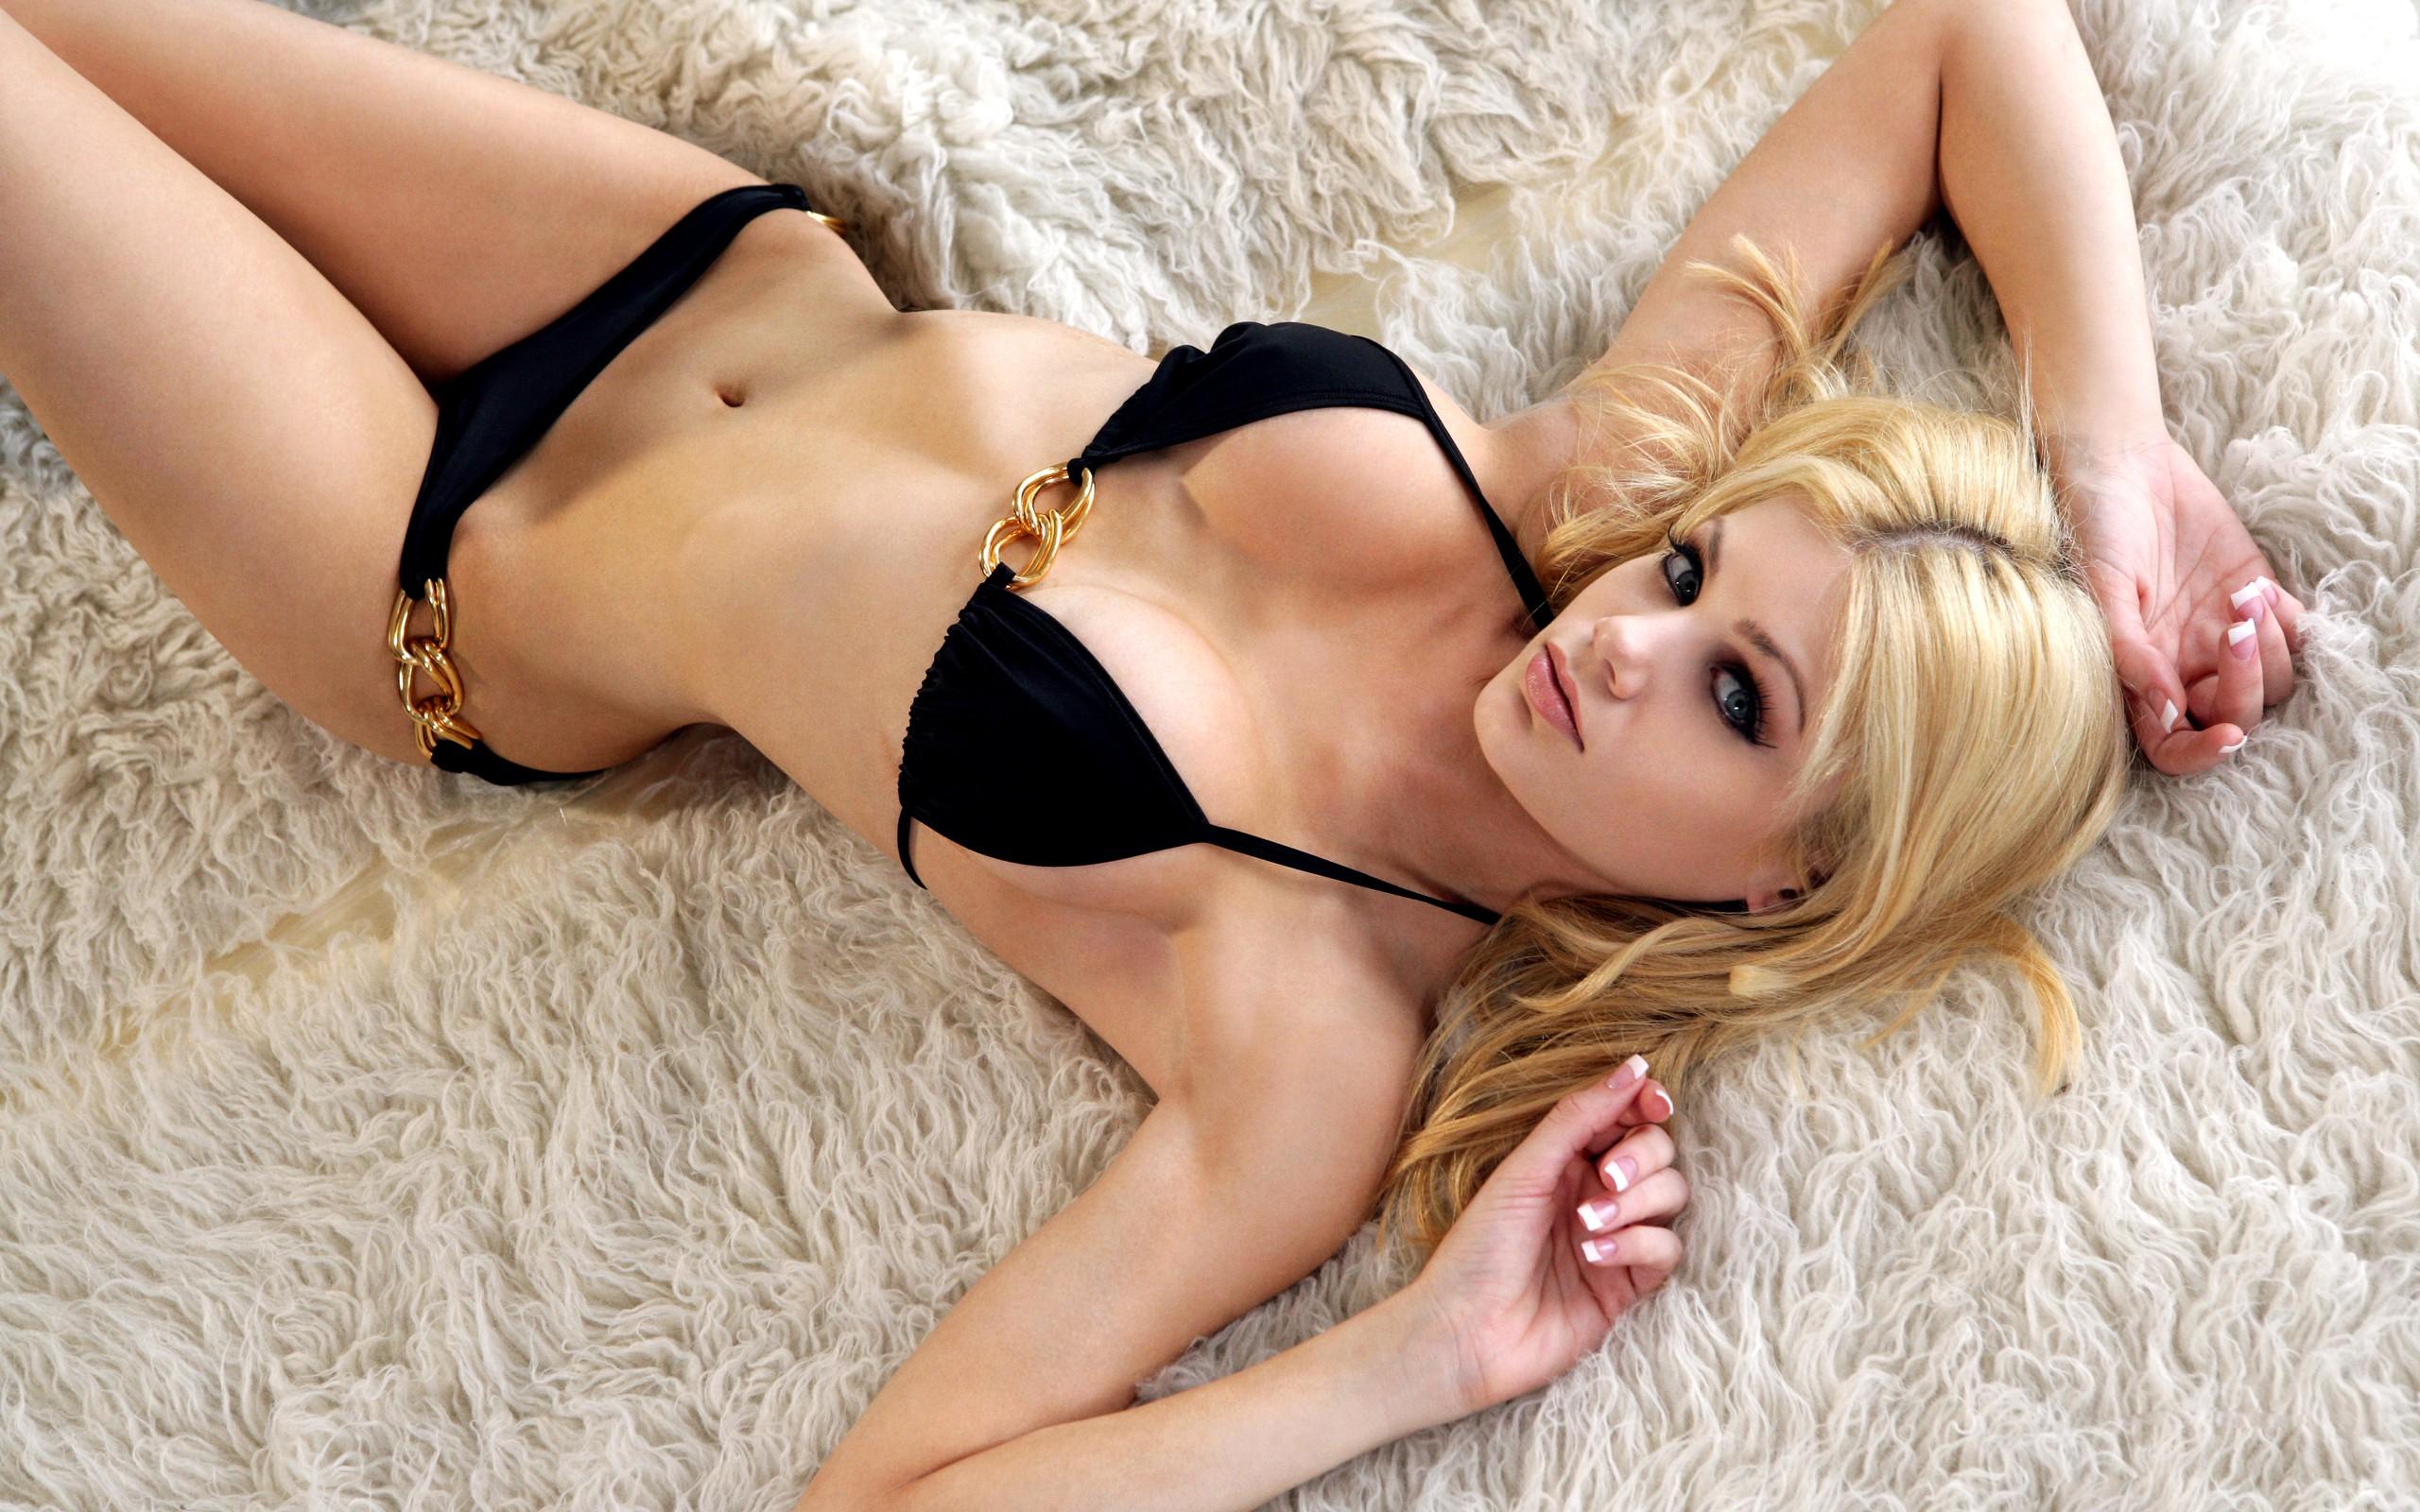 Секс супер фото, Порно, секс, эро фото и картинки скачать бесплатно на 11 фотография